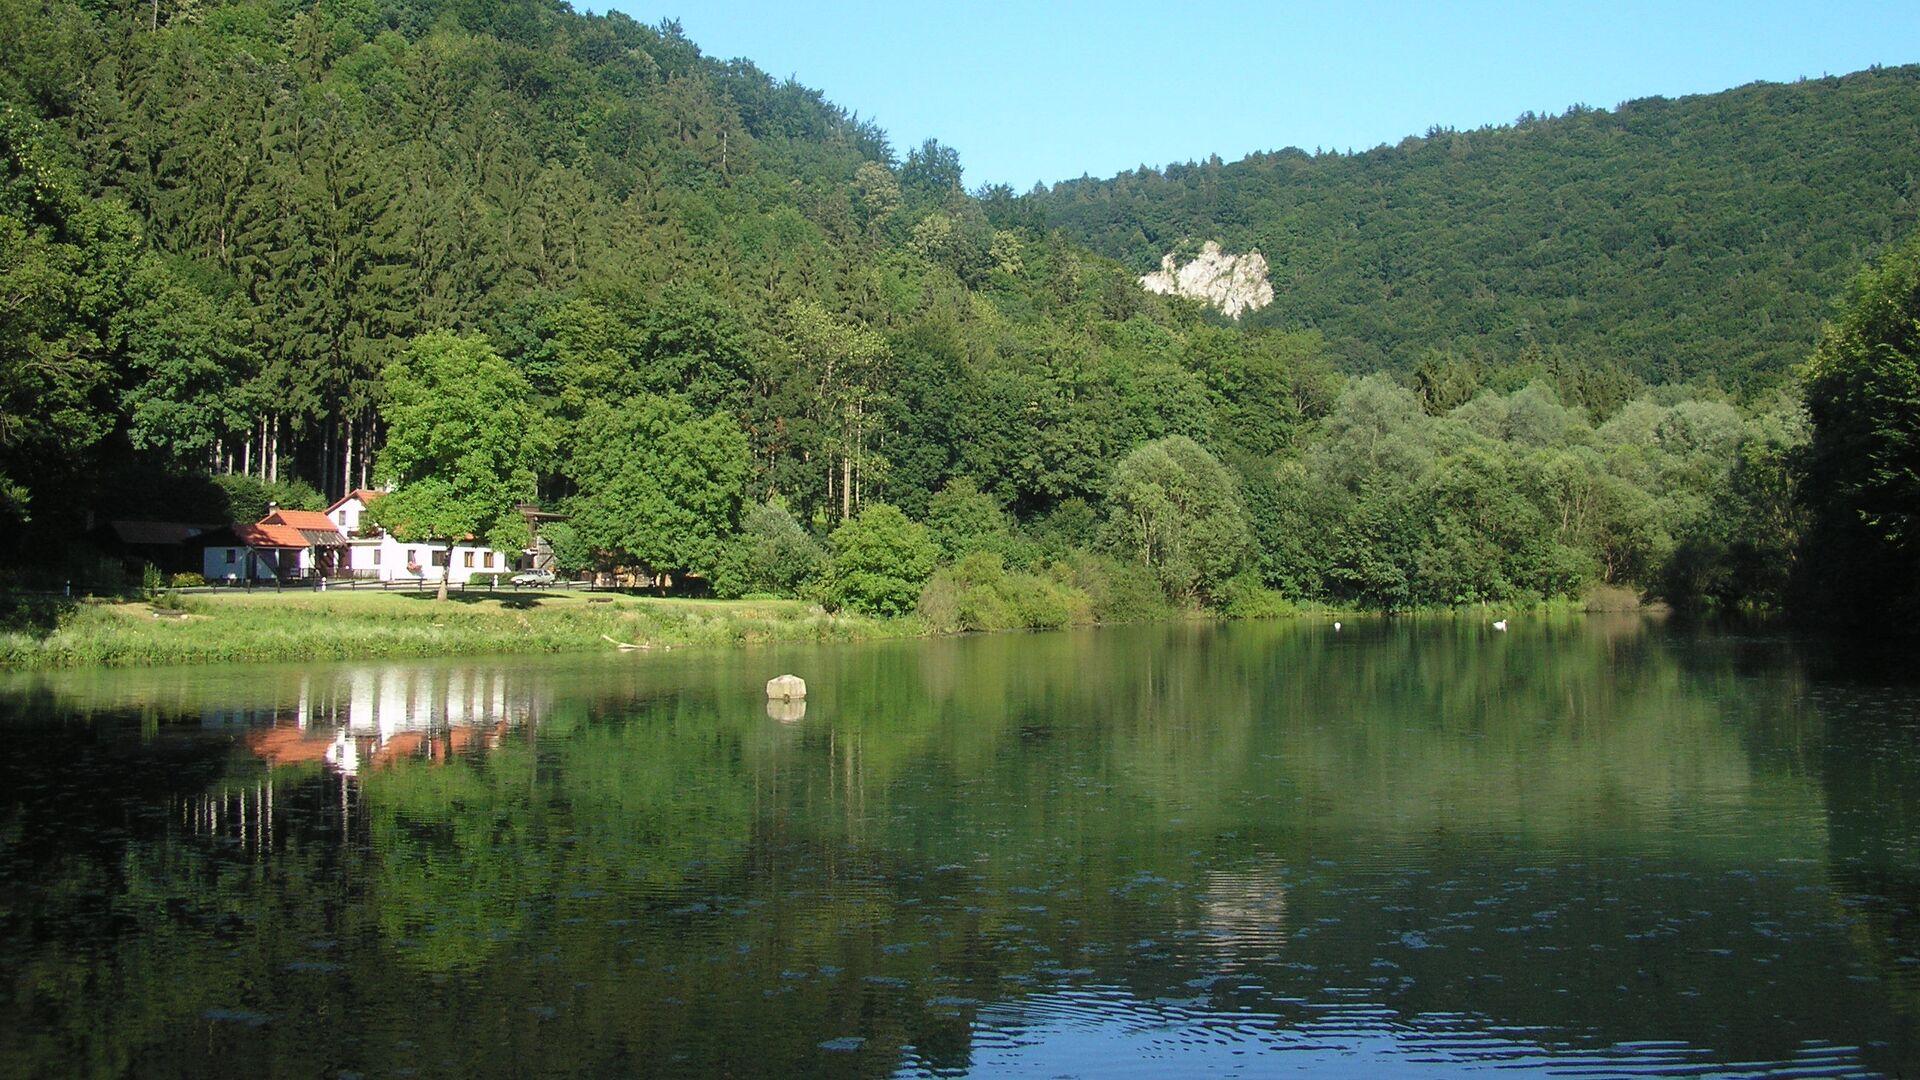 Якубовское озеро  в Моравском карсте - Sputnik Česká republika, 1920, 14.07.2021